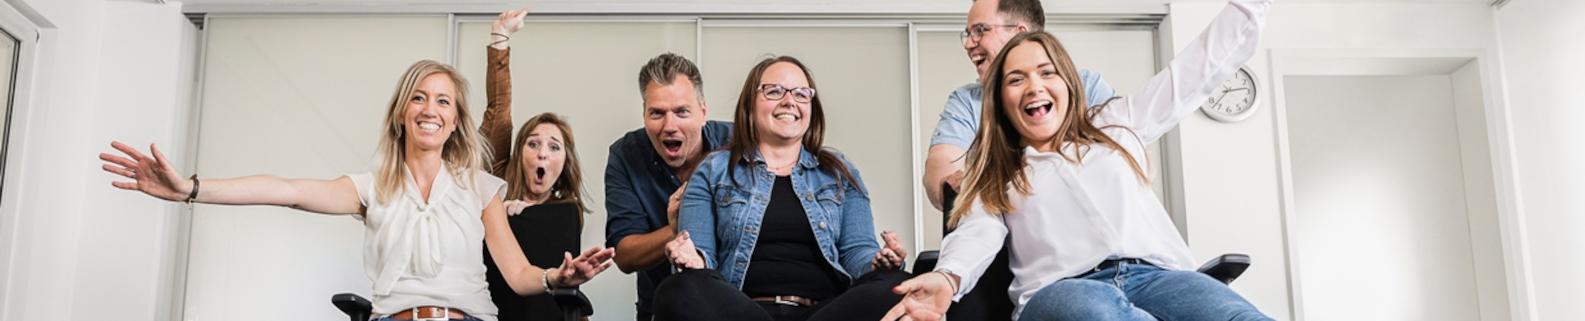 Mitarbeiter der Stadtwerke Troisdorf glücklich im Büro